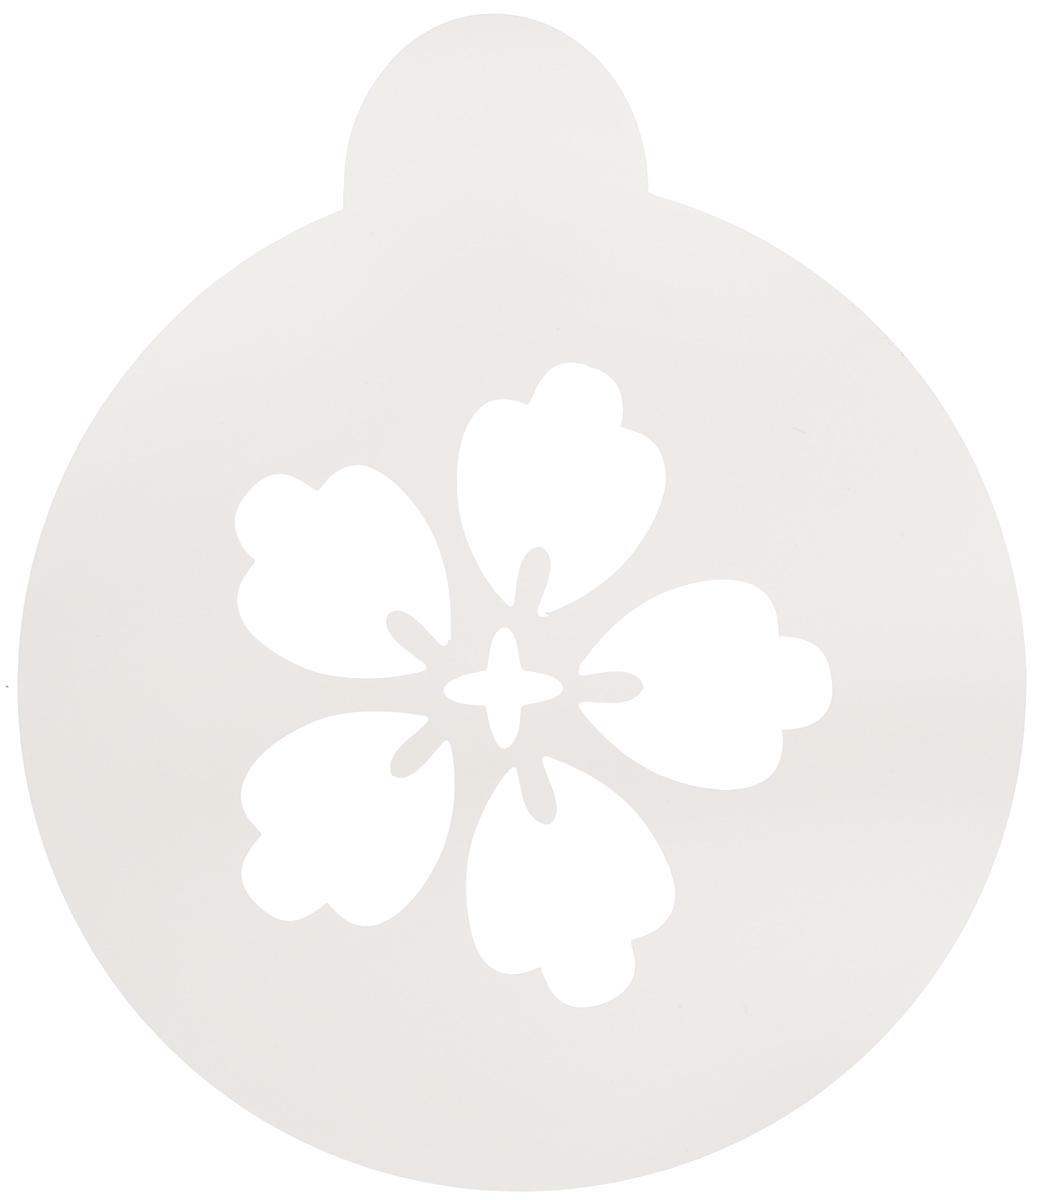 Трафарет на кофе и десерты Леденцовая фабрика Цветочек-пятилистник, диаметр 10 см94672Трафарет Леденцовая фабрика Цветочек-пятилистник представляет собой пластину с прорезями, через которые пищевая краска (сахарная пудра, какао, шоколад, сливки, корица, дробленый орех) наносится на поверхность кофе, молочных коктейлей, десертов. Трафарет изготовлен из матового пищевого пластика 250 мкм и пригоден для контакта с пищевыми продуктами. Трафарет многоразовый. Побалуйте себя и ваших близких красиво оформленным кофе.